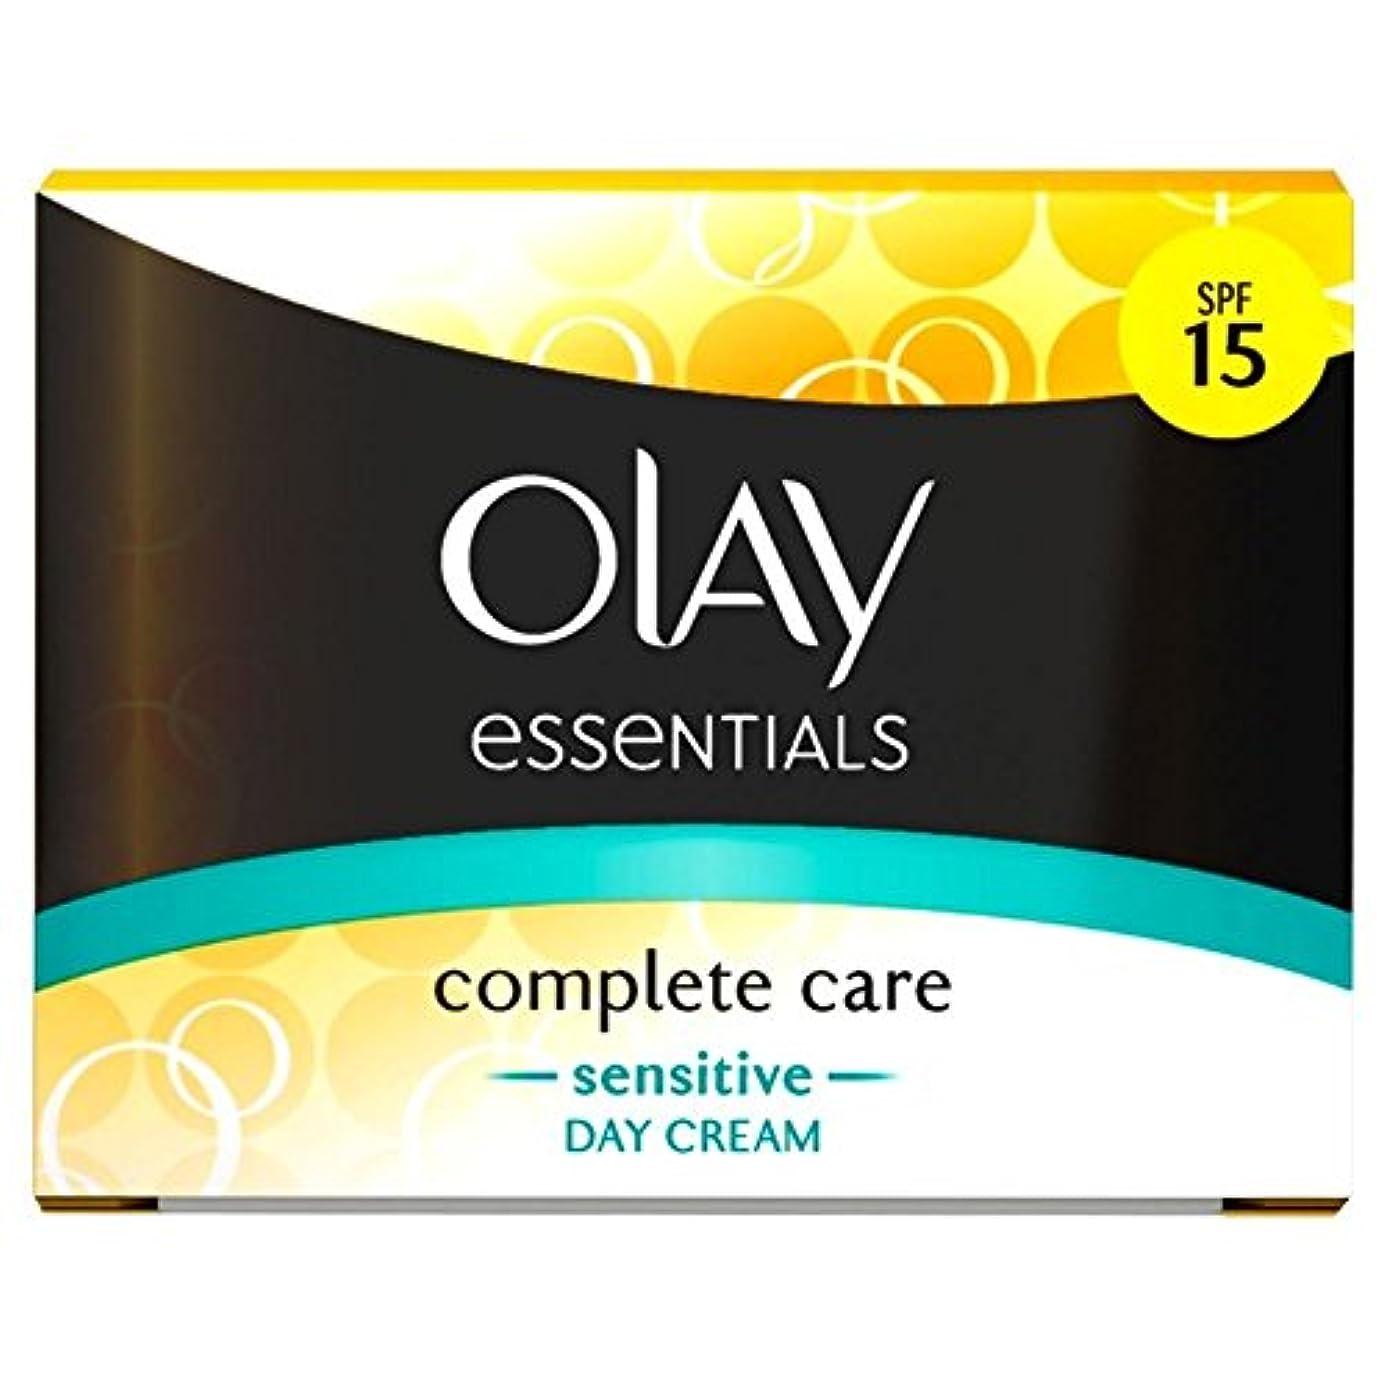 ブラウズ飛行場慎重Olay Complete Care Daily Sensitive UV Cream SPF 15 (50ml) オーレイコンプリートケア毎日の敏感なuvクリームspf 15 ( 50ミリリットル)